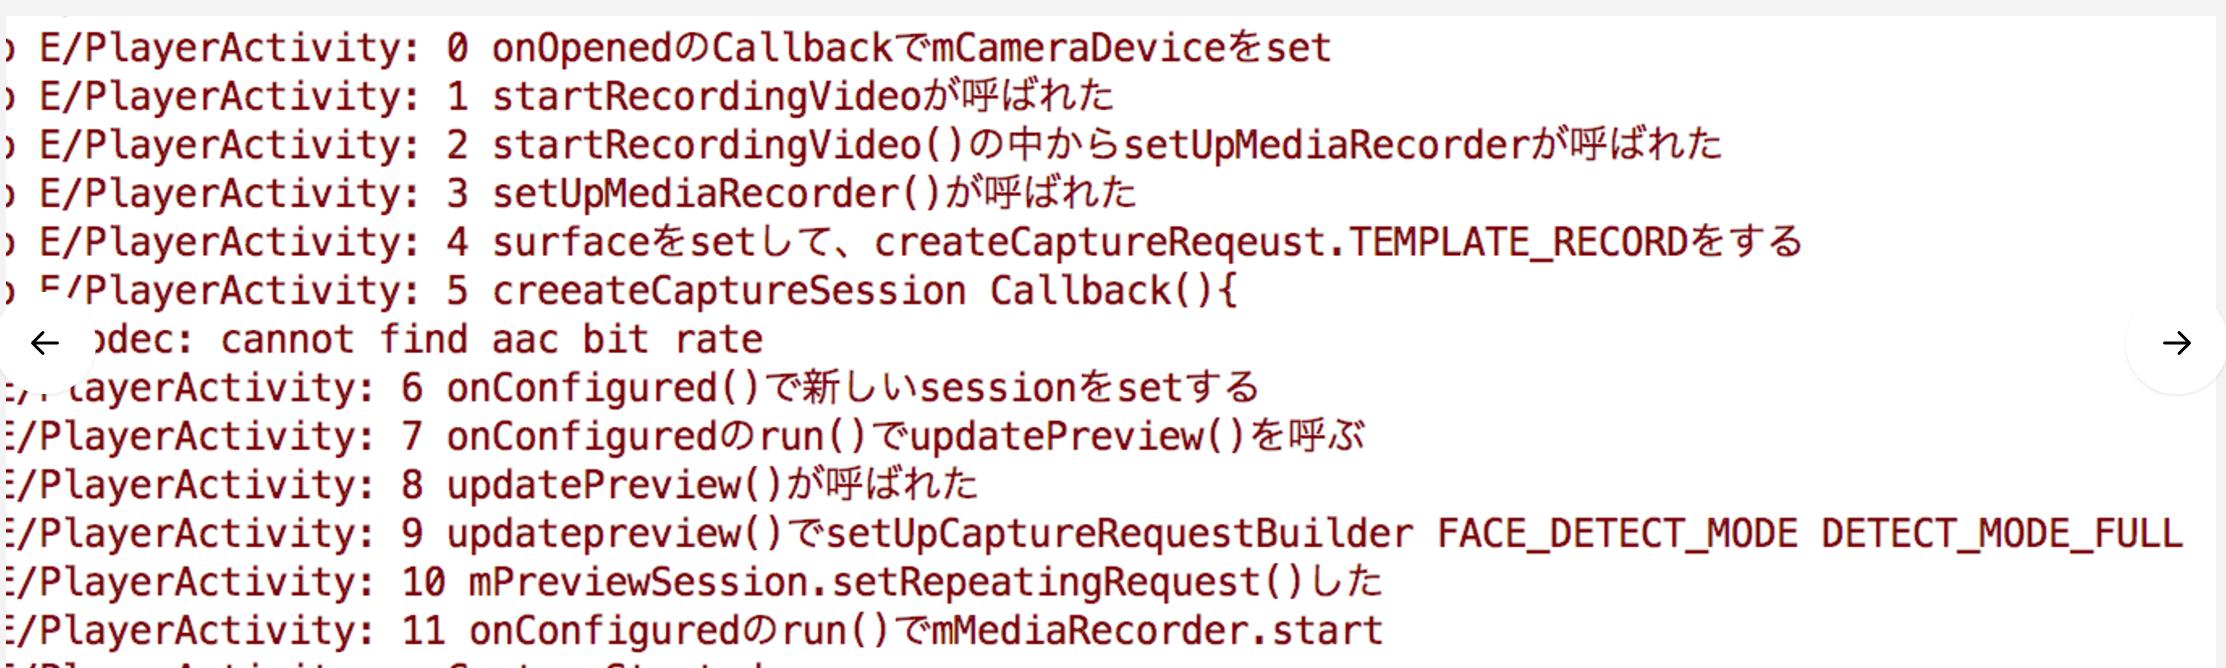 アプリを起動して動画撮影と顔認証をスタートするまでの、ライフサイクルです